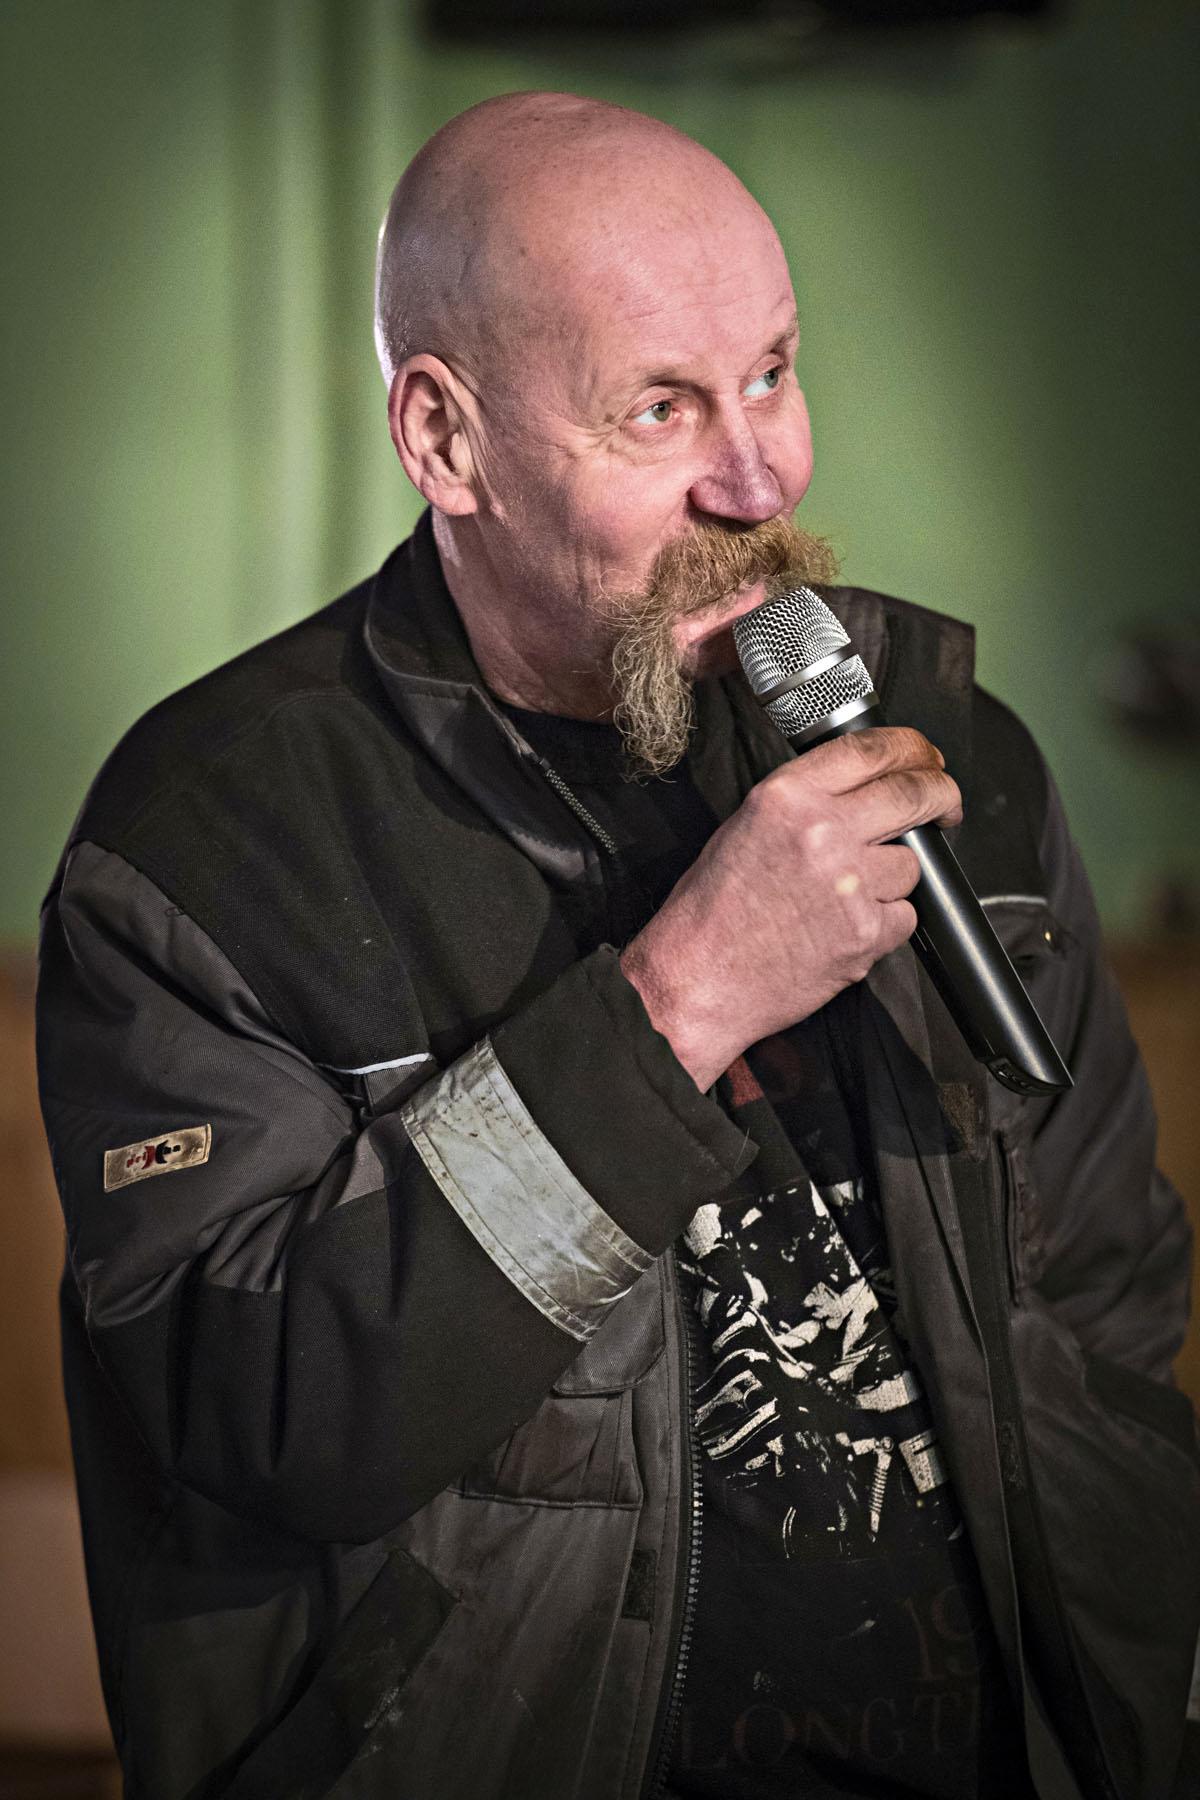 Ari Sitronen intoutuu esittämään karaokessa Citroën-miehen laulun.